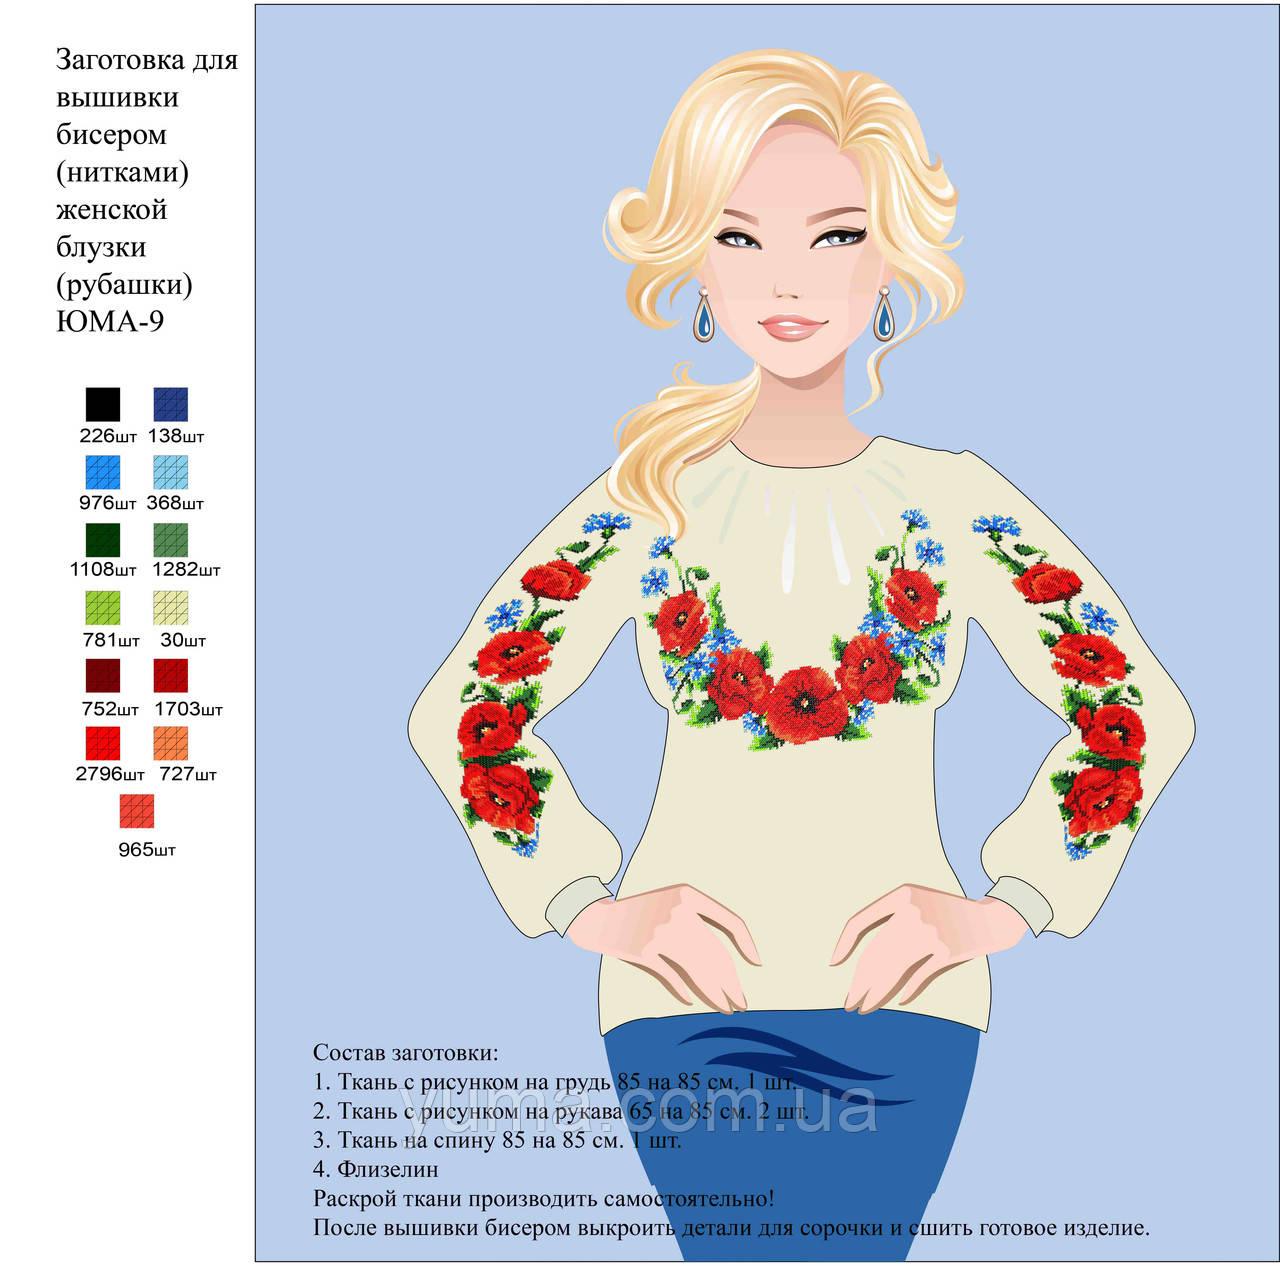 Вышивки бисером оптом украина